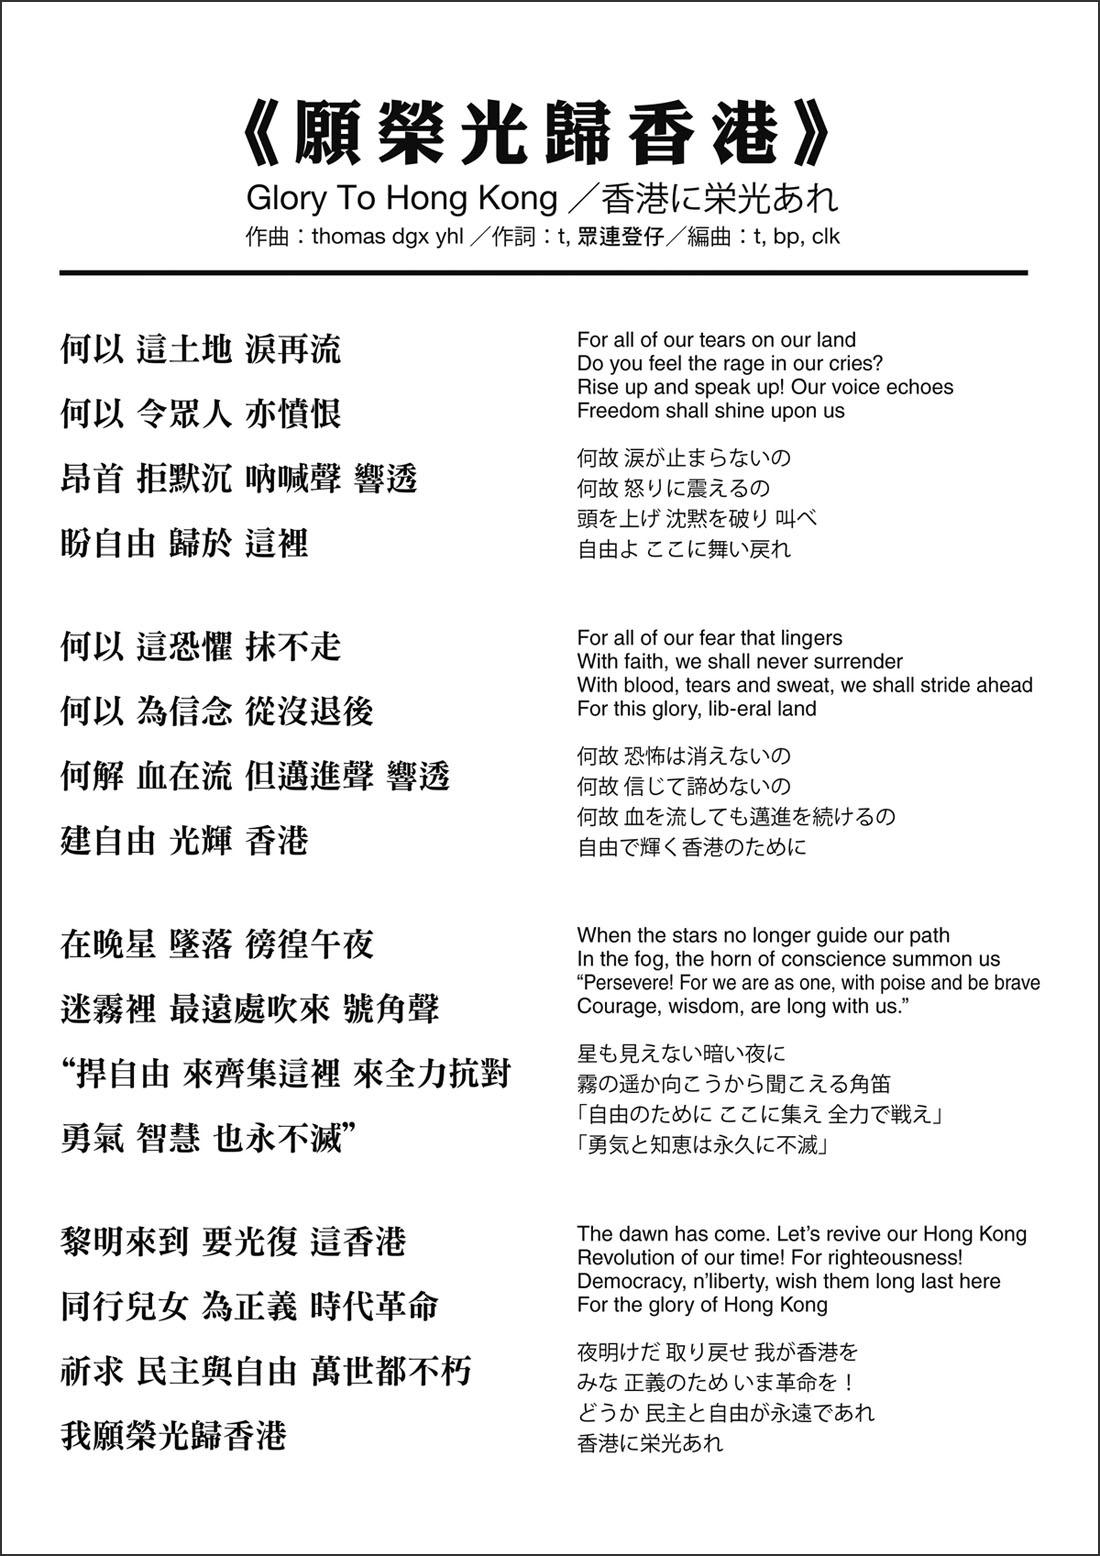 日本 歌詞 小さな 世界